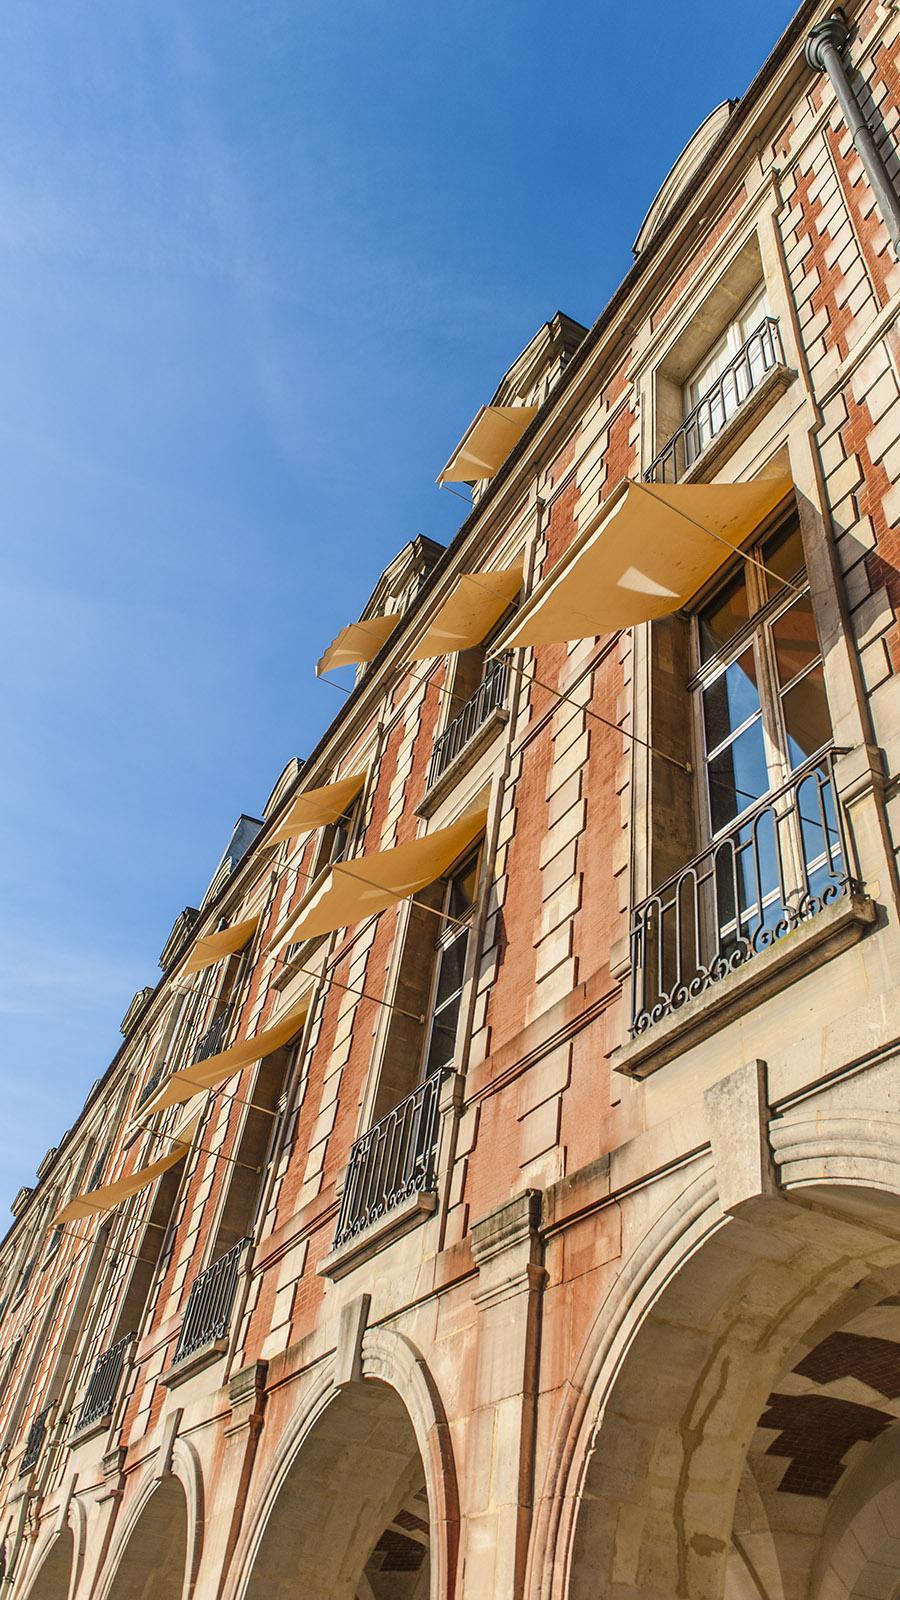 Stylisch in Textil: der Sonnenschutz auf den Fassaden der Place des Vosges. Foto: Hilke Maunder